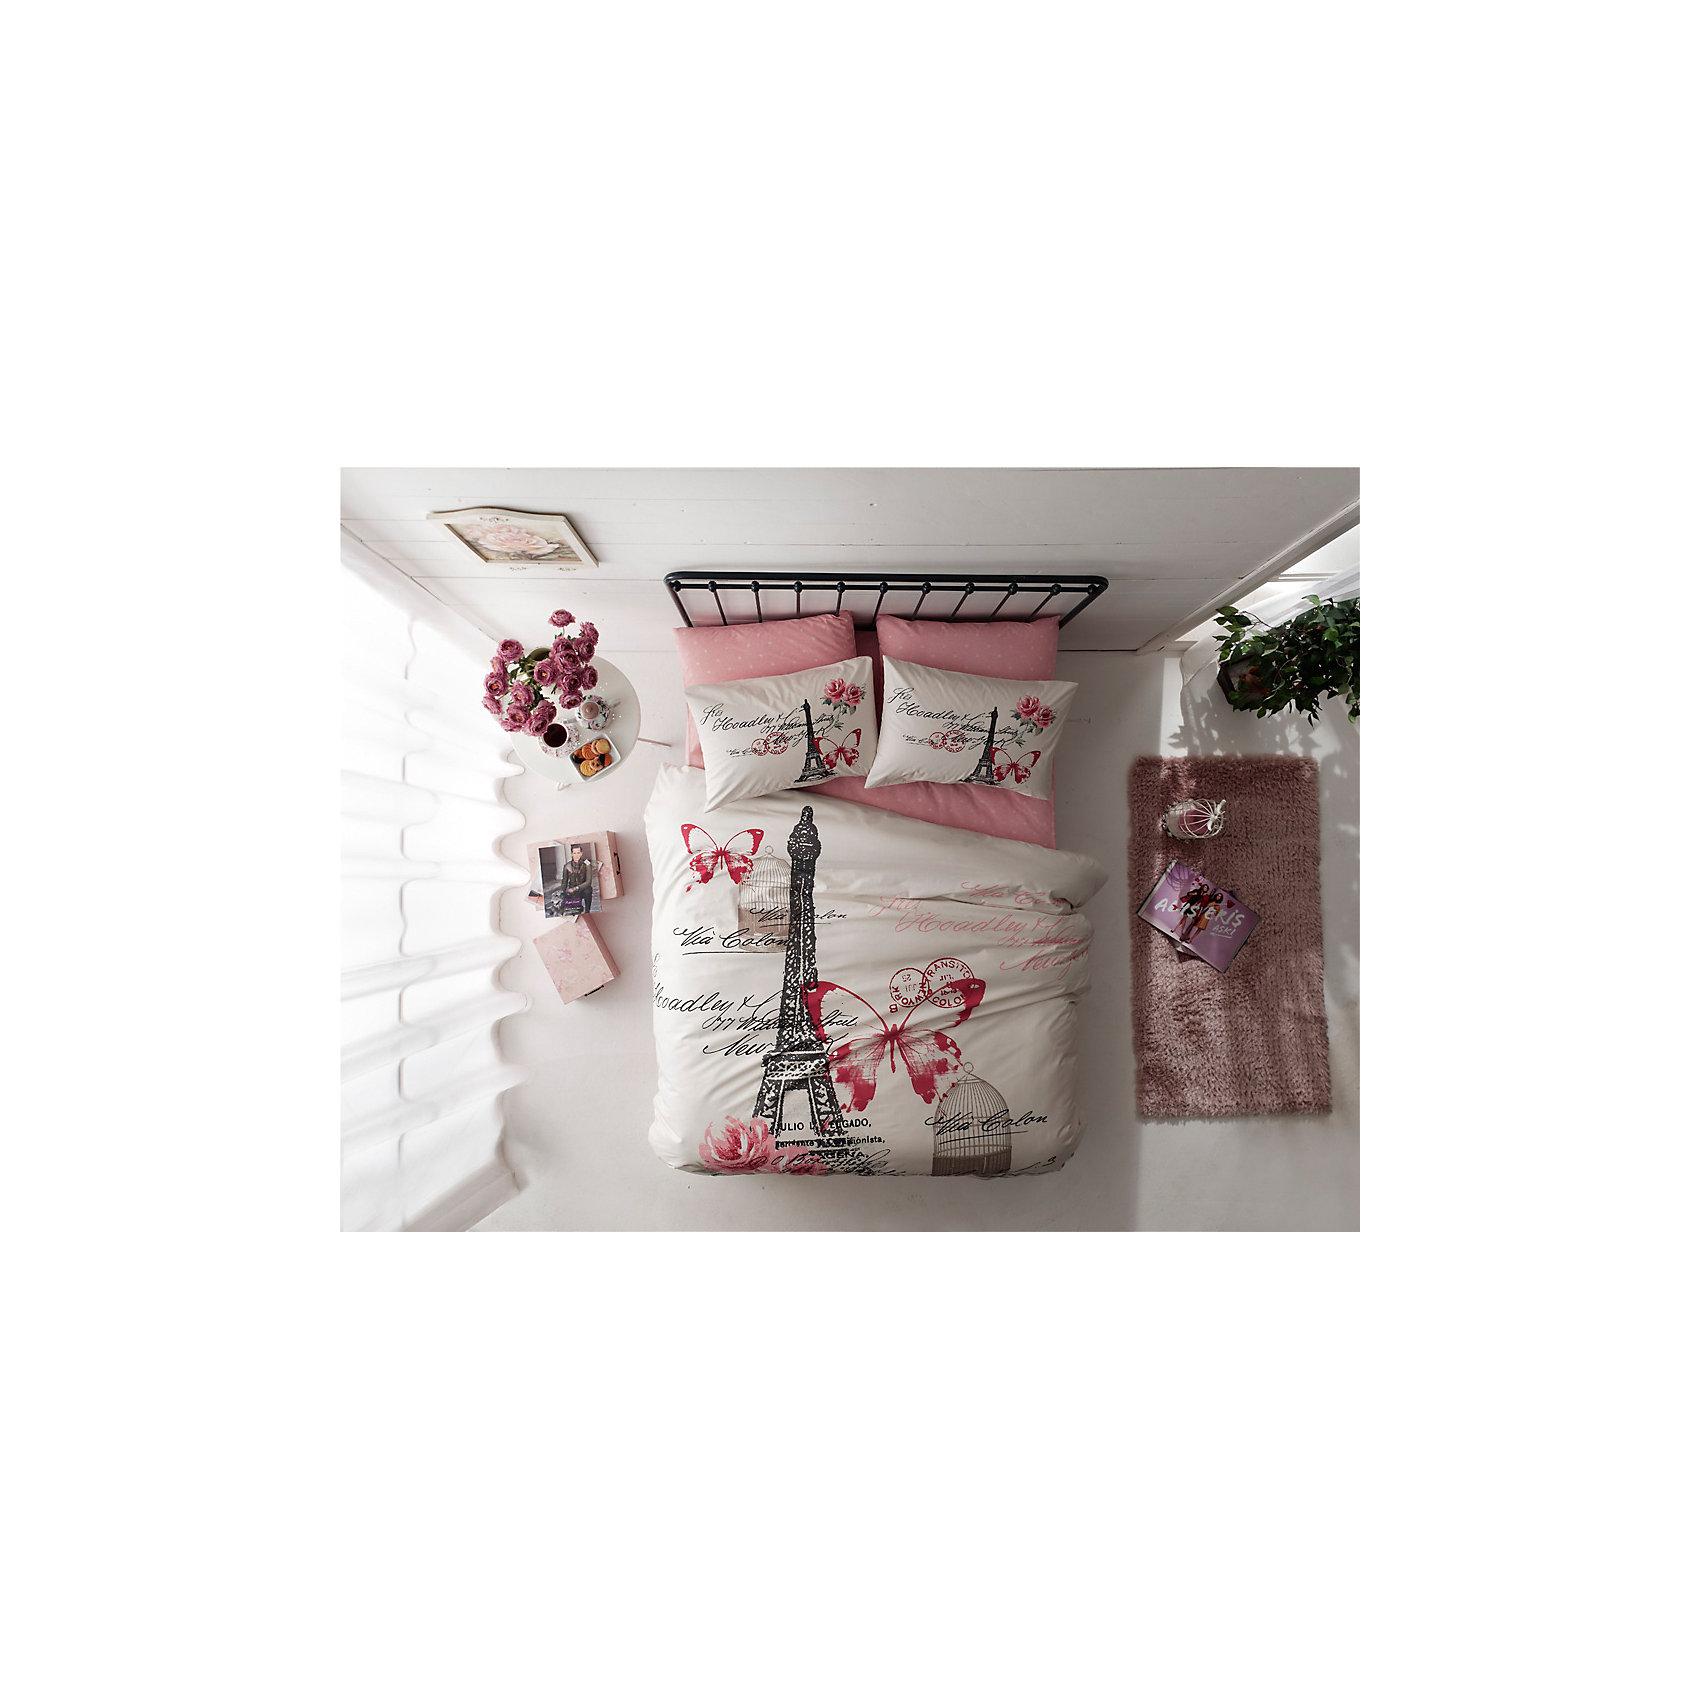 Постельное белье 2 сп. Giselle, Ranforce, TAC, розовыйДомашний текстиль<br>Характеристики товара: <br><br>• комплектация: пододеяльник (200х220см), наволочка 2шт.(50х70см), простынь (240х260см);<br>• общий размер: 2-спальный;<br>• материал: ранфорс (100% хлопок);<br>• цвет: розовый;<br>• страна бренда: Турция;<br>• страна производитель: Турция.<br><br>Это постельное бельё от турецкого бренда TAC (ТАЧ) отлично впишется в интерьер. Несмотря на плотность ткани, она состоит из мельчайших волокон, что придаёт мягкость и воздушность изделию. Все материалы, которые входят в состав этого комплекта, гипоаллергенны и не вызывают неприятных ощущений. <br><br>Постелное бельё не боится воды, так как пропускает через себя около 20% влаги и выводит наружу, поэтому её очень легко сушить. Такие материалы не электризуются, а наоборот способствуют улучшению сна и хорошо пропускают воздух. <br><br>Такой комплект очень устойчив к частым стиркам, его рекомендуется стирать обычным порошком. Ткань отличается особой износоустойчивостью и прочностью.<br><br>Постельное белье Gisellу (Джисели) можно купить в нашем интернет-магазине.<br><br>Ширина мм: 270<br>Глубина мм: 70<br>Высота мм: 390<br>Вес г: 2800<br>Возраст от месяцев: 216<br>Возраст до месяцев: 1188<br>Пол: Унисекс<br>Возраст: Детский<br>SKU: 6849252